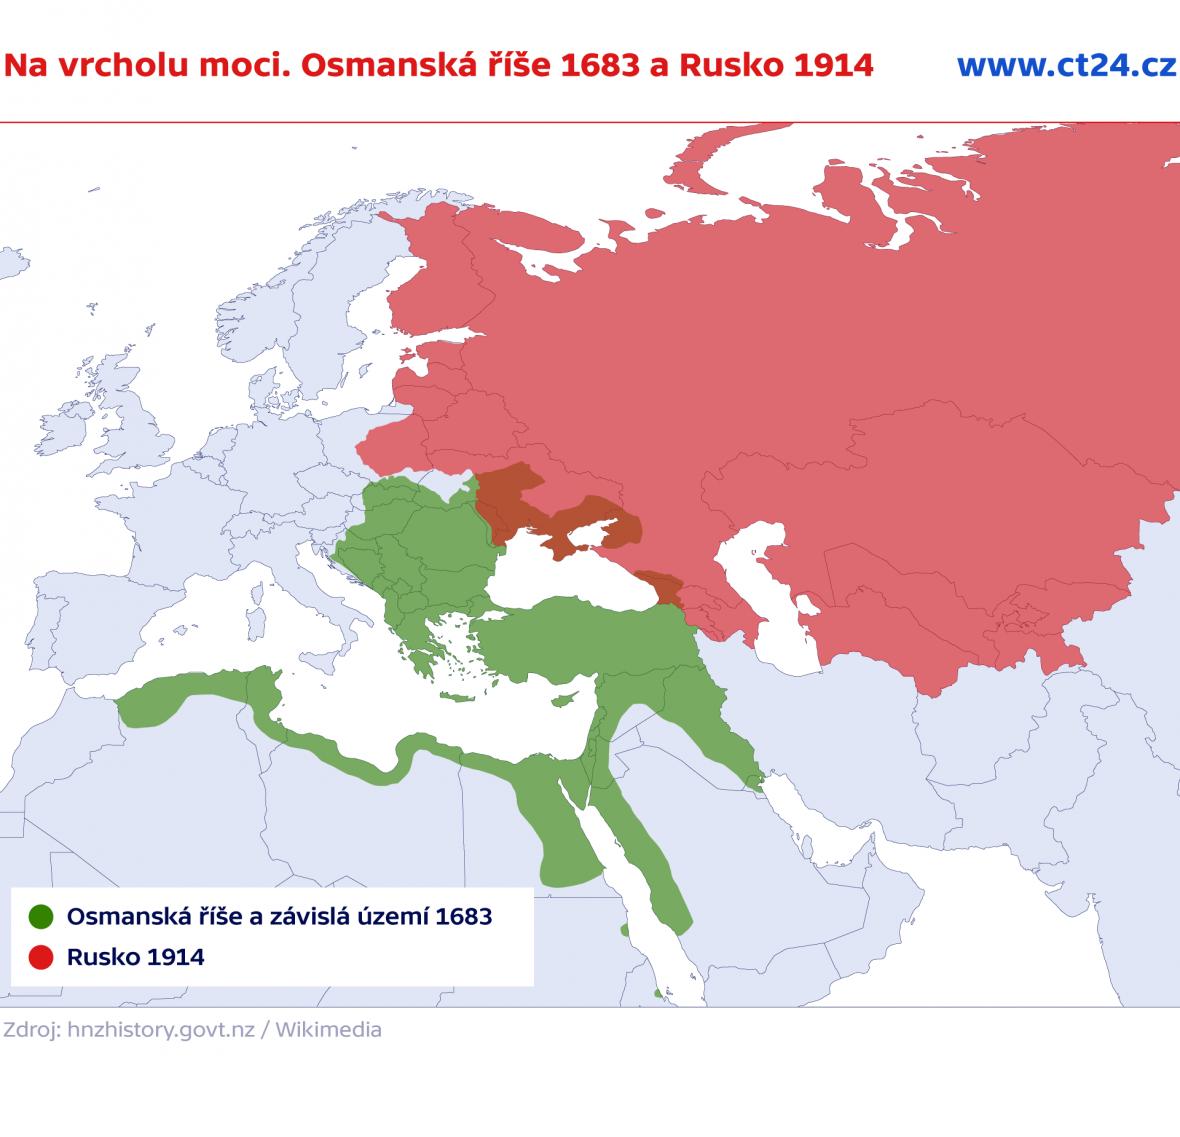 Na vrcholu moci. Osmanská říše a závislá území 1683, Rusko 1914